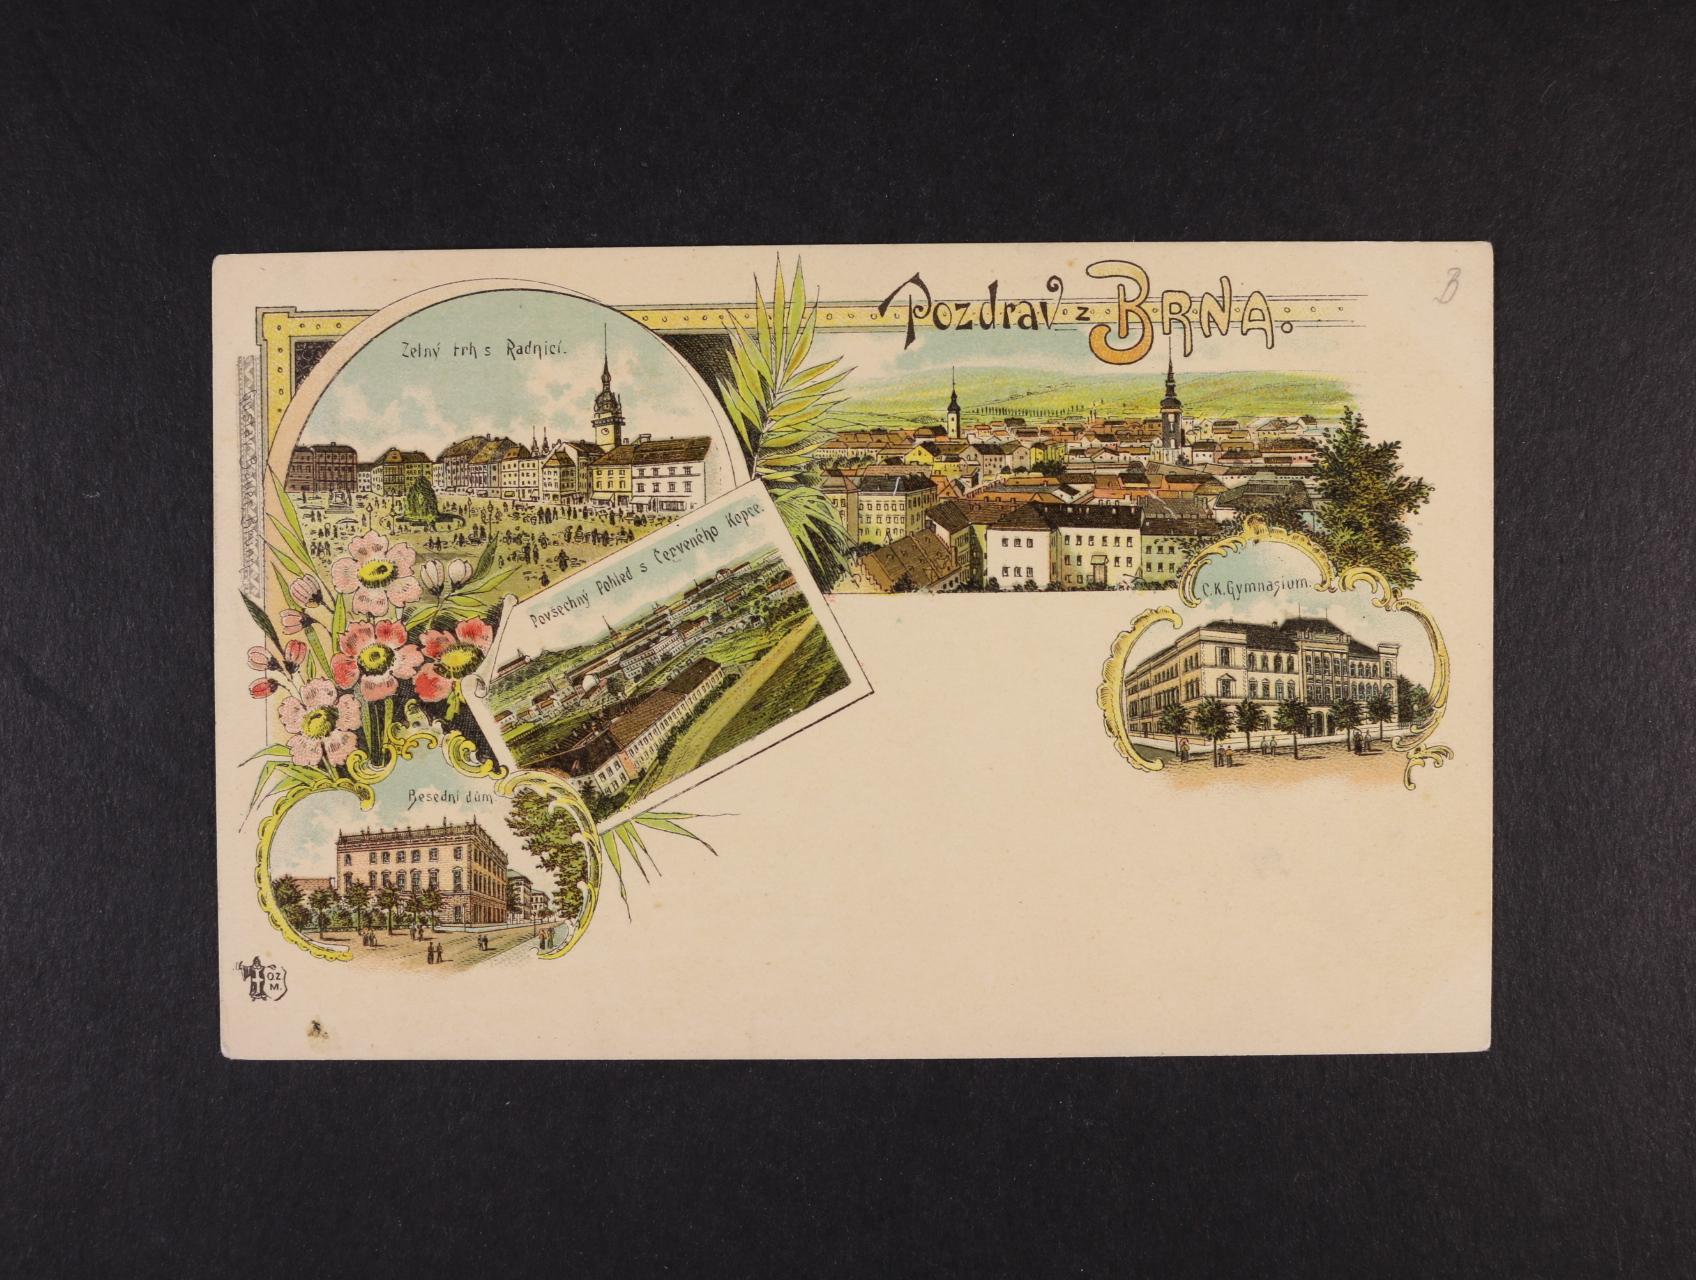 Brno - bar. litograf. koláž, dl. adresa, použitá 1899, dobrá kvalita